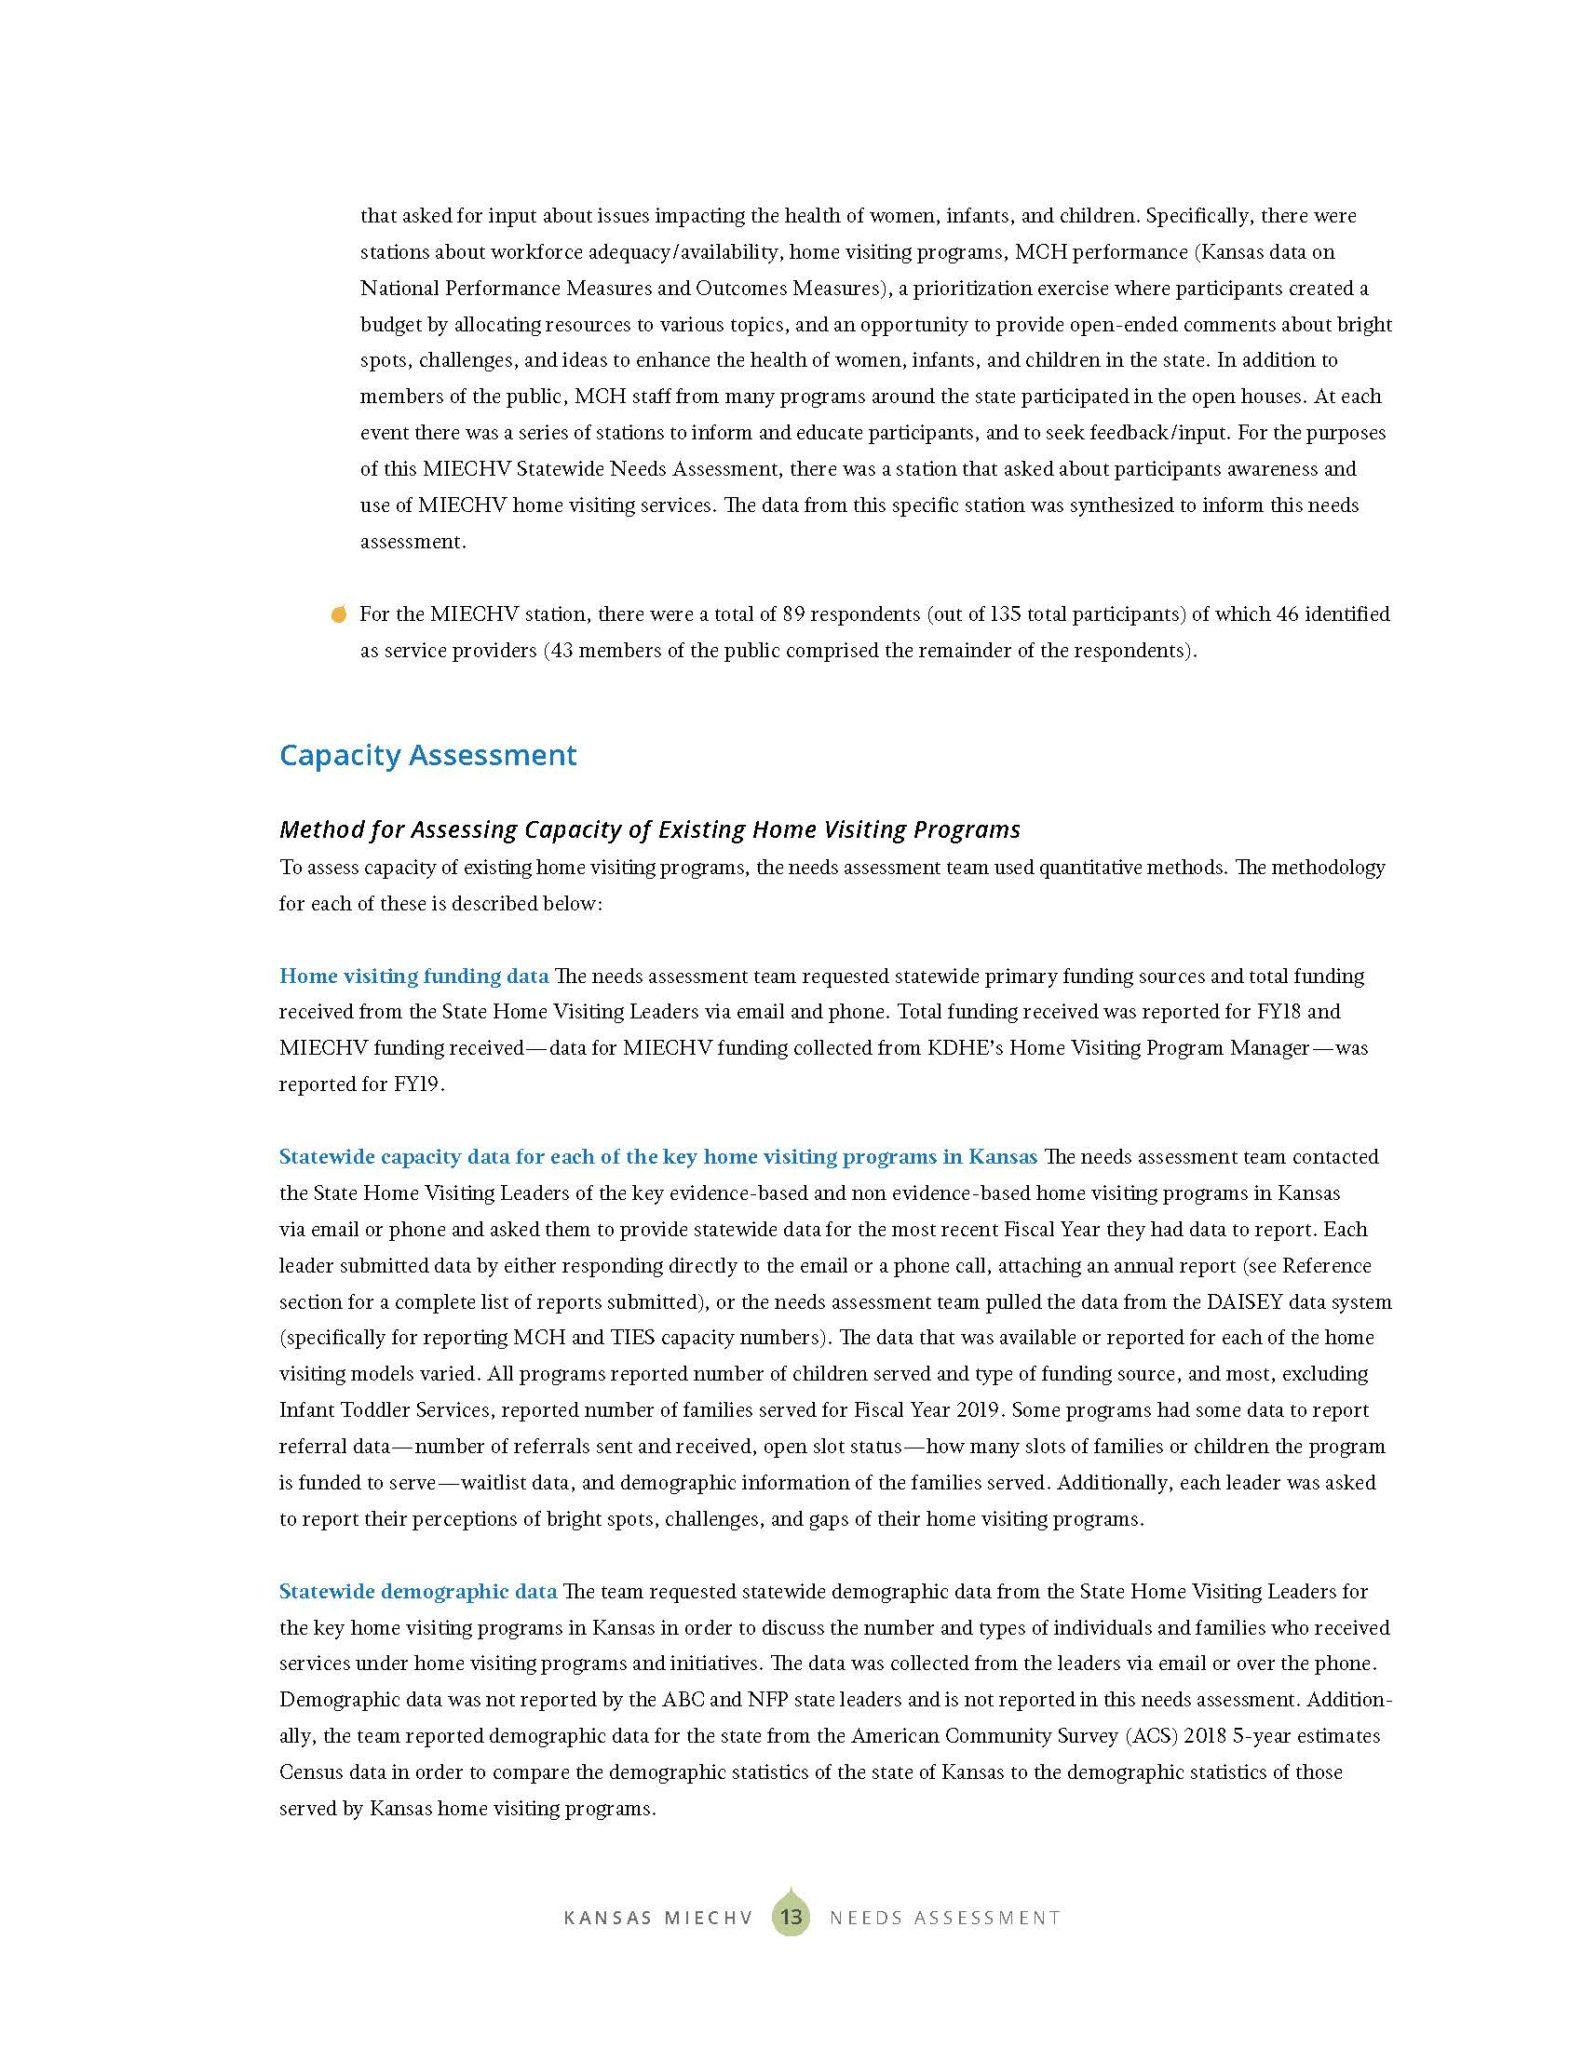 KS MIECHV 2020 Needs Assessment_DIGITAL_Page_021